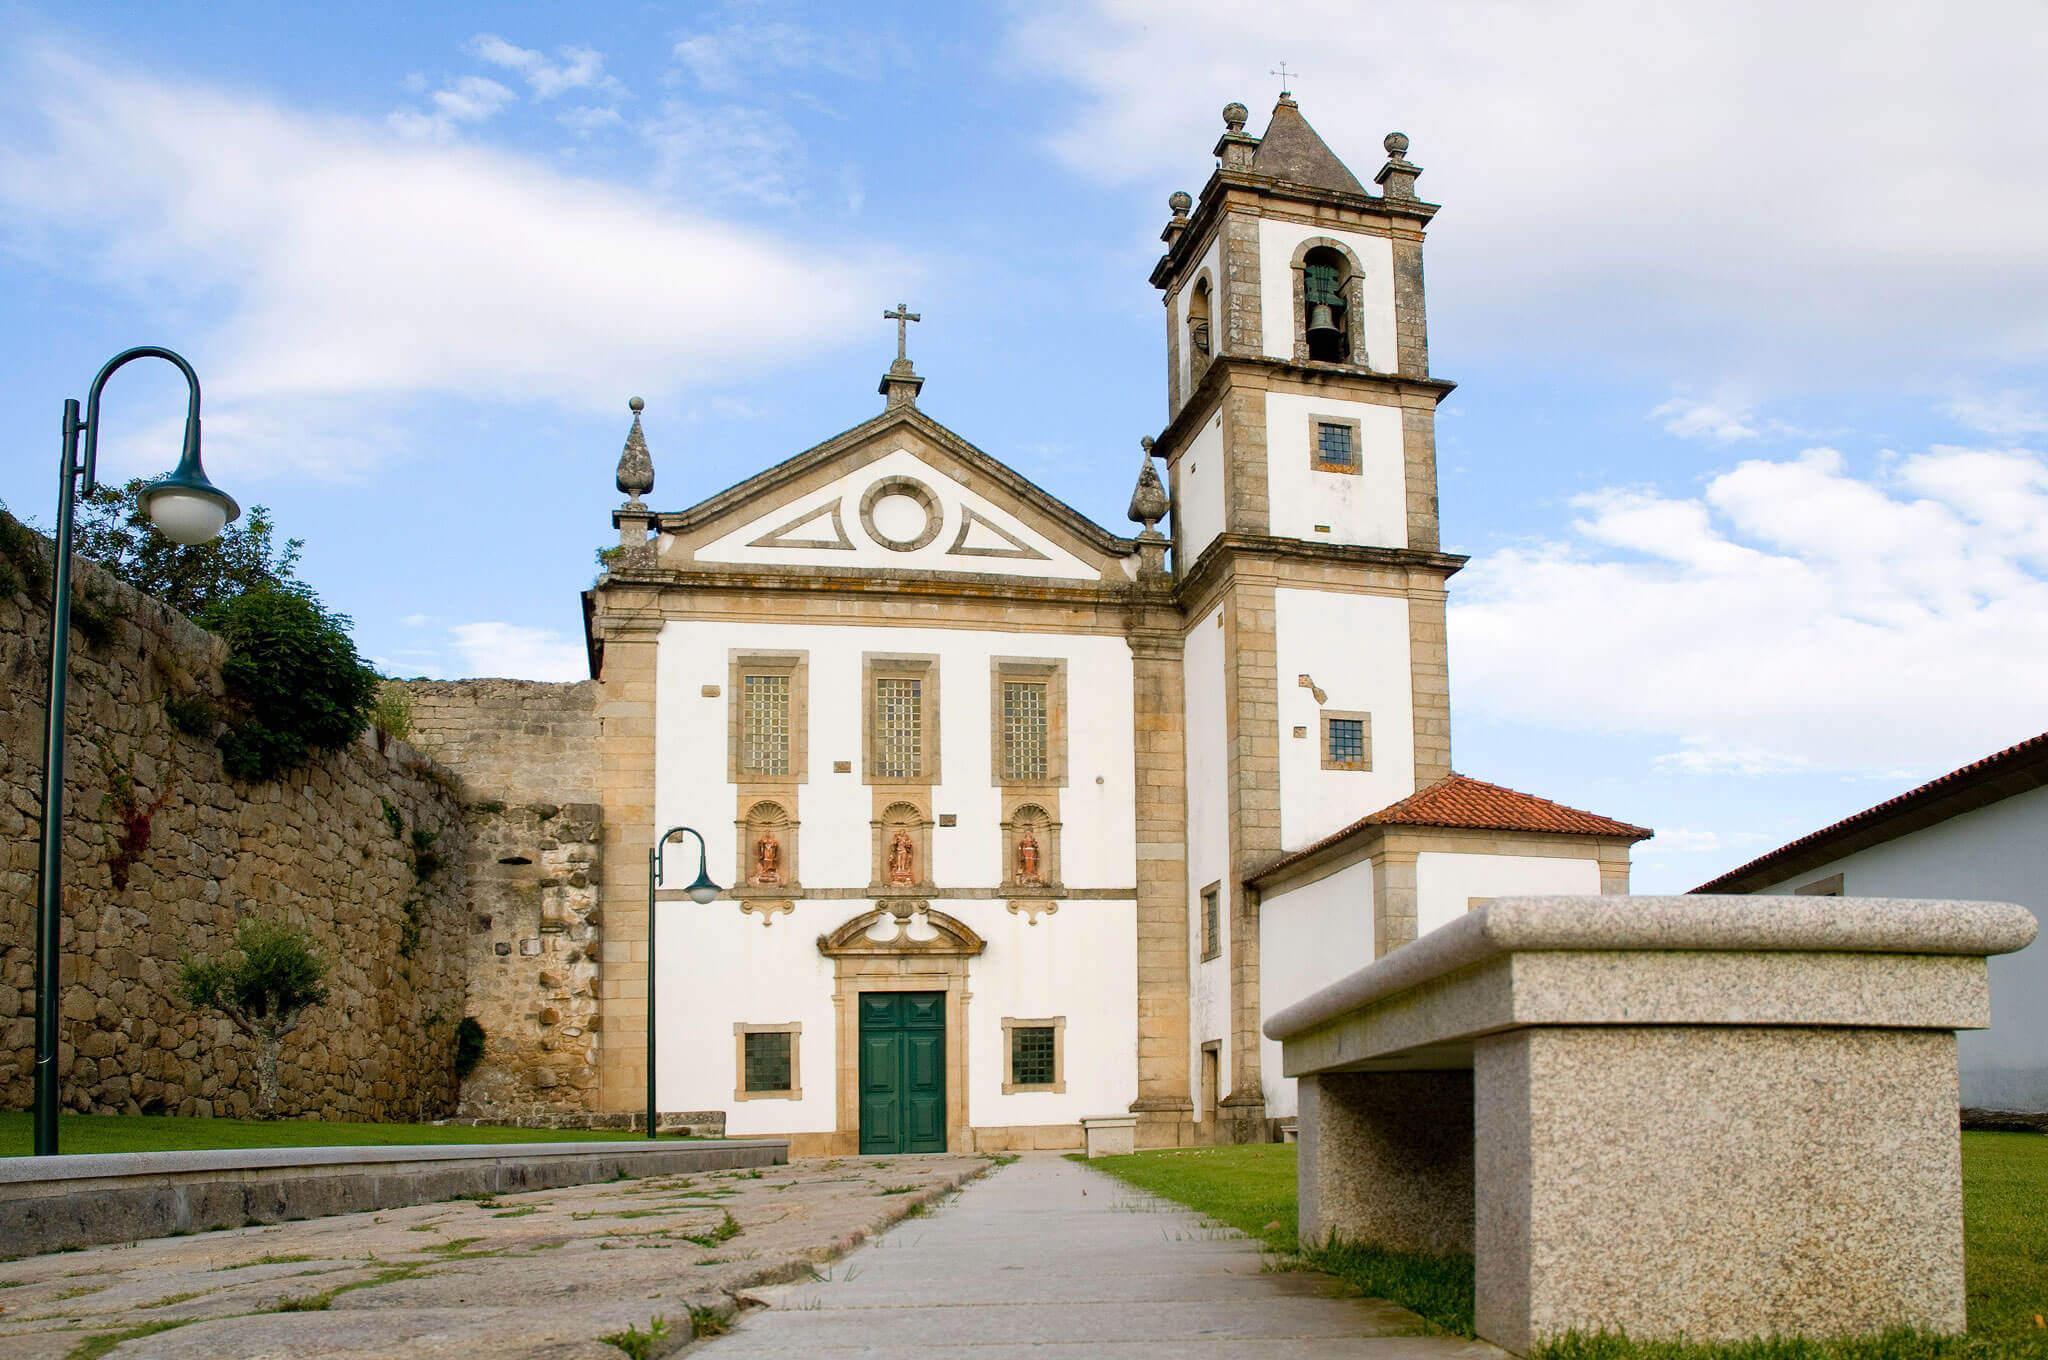 Convento de Alpendorada